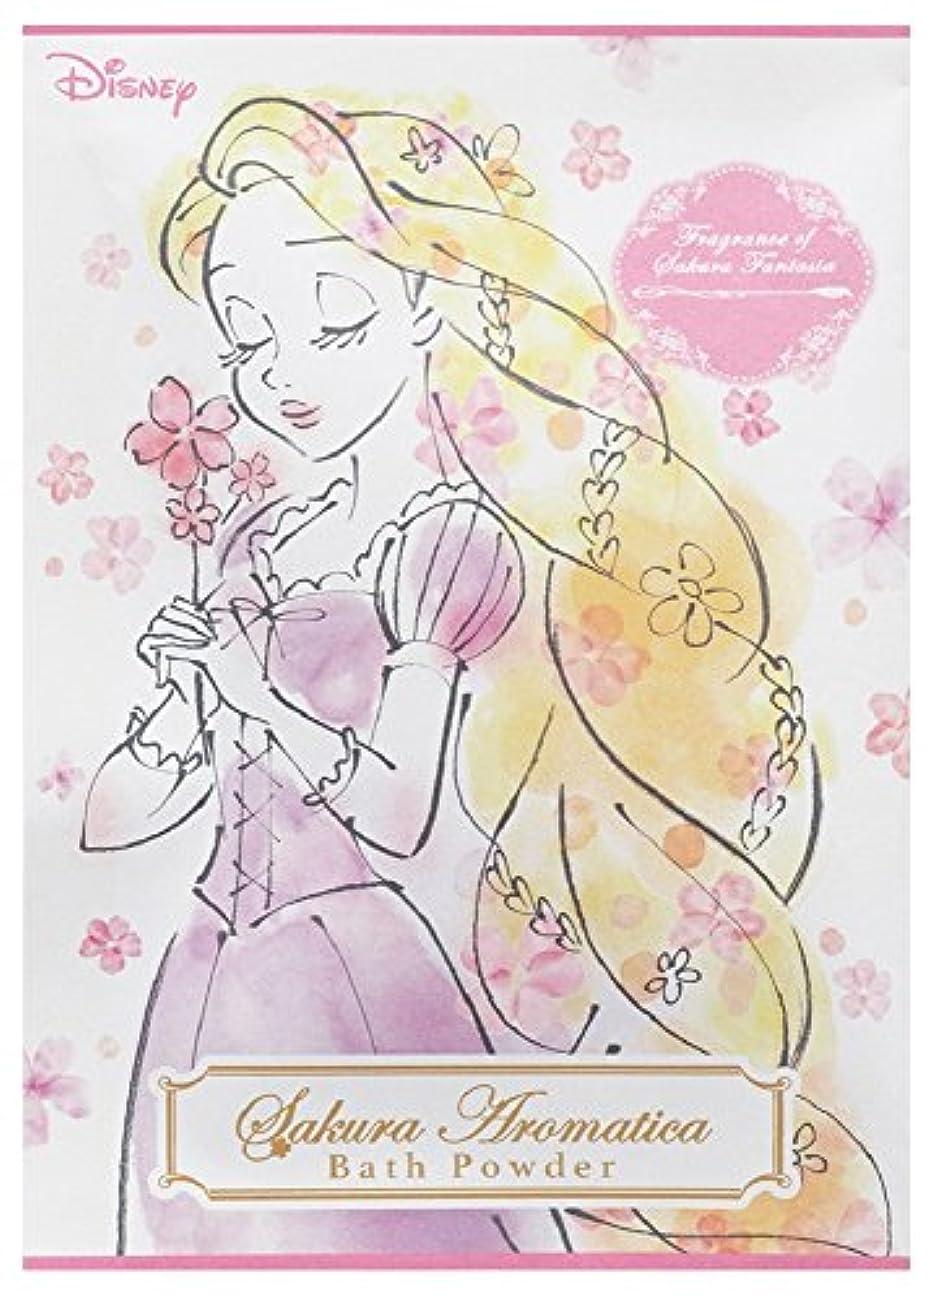 ライオンポスターアナリストディズニー 入浴剤 バスパウダー ラプンツェル サクラアロマティカ 桜の香り 40g DIT-5-02